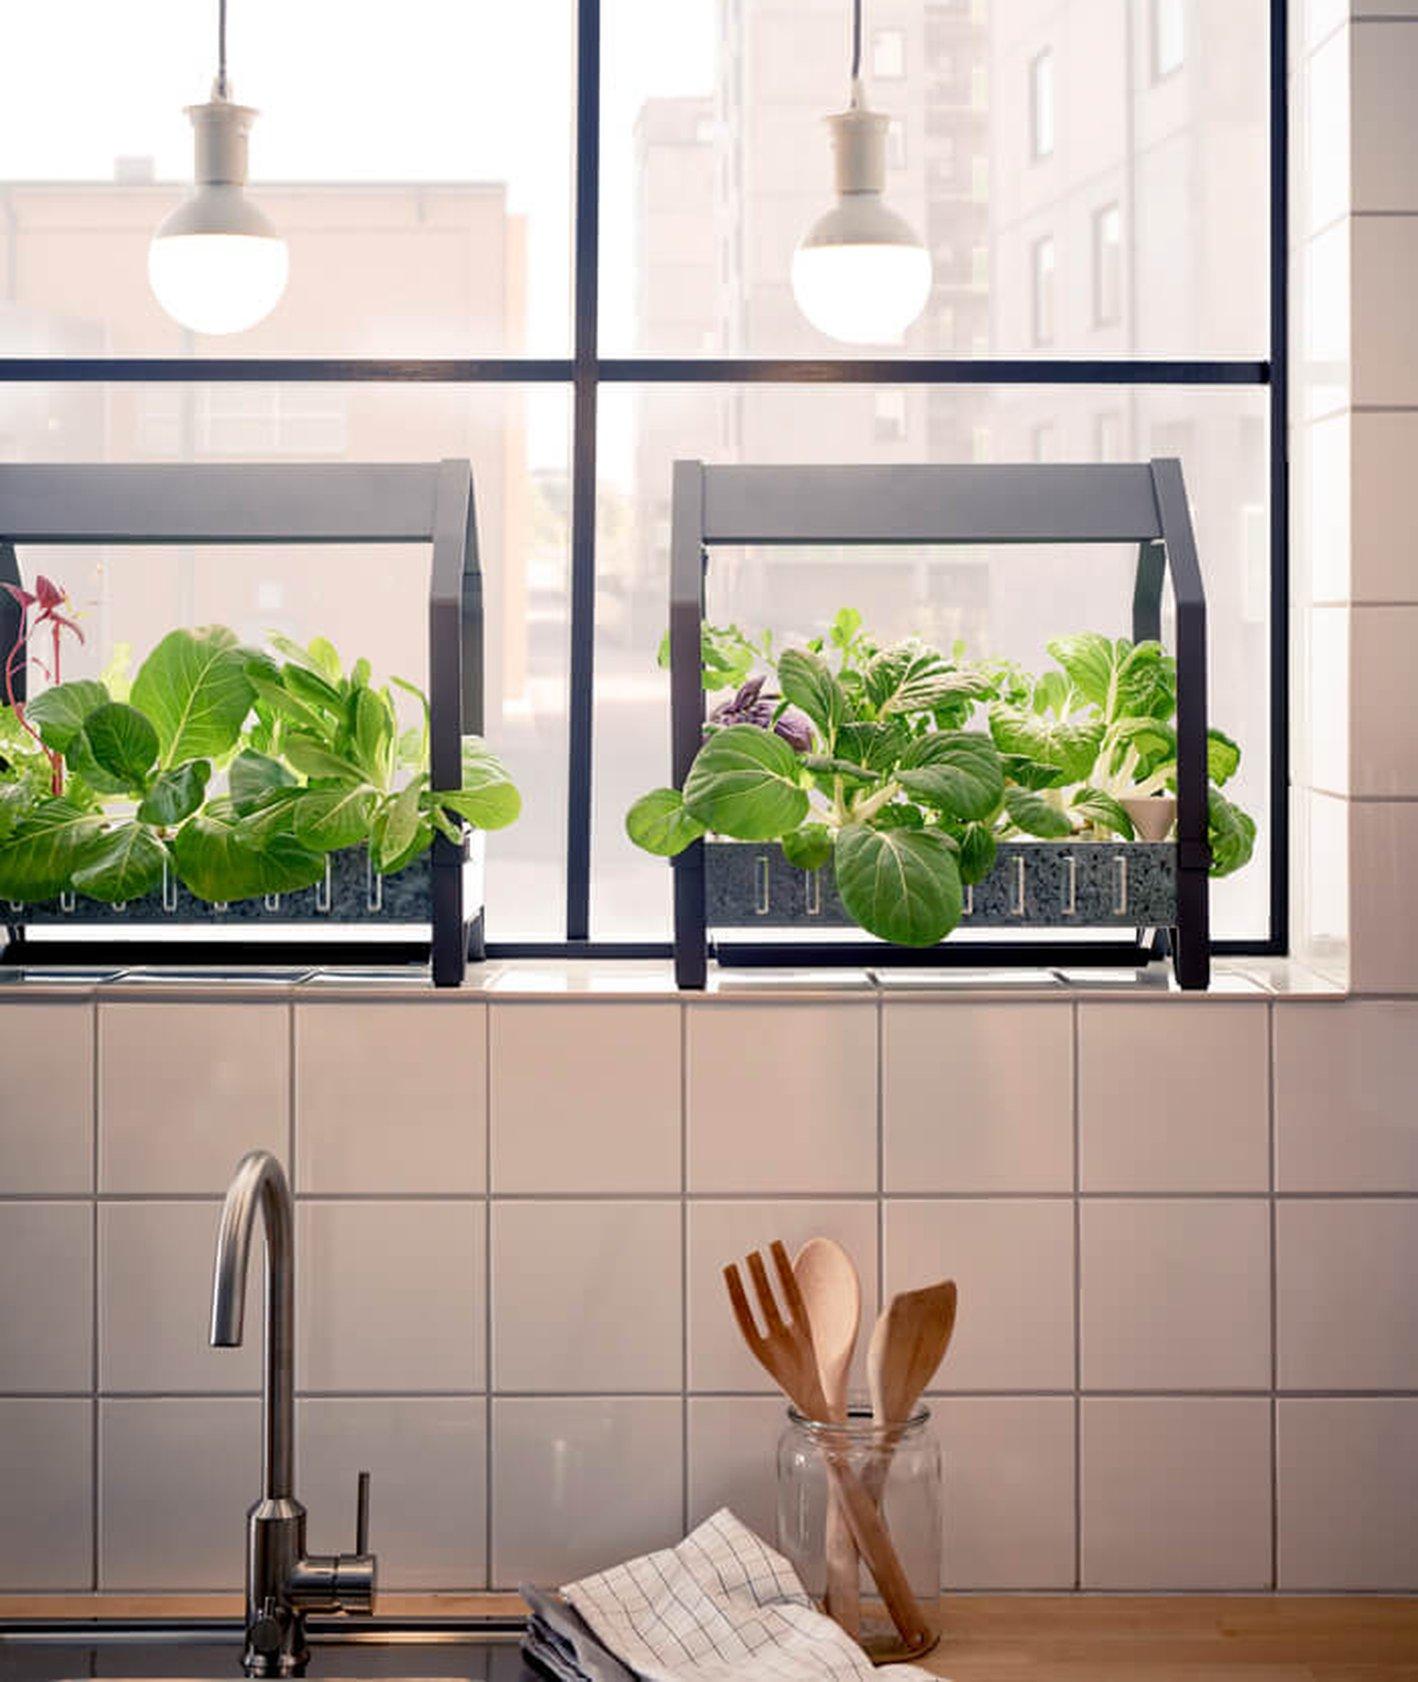 domowa uprawa warzyw i ziół - mini szklarnie z ikei (fot. materiały prasowe)